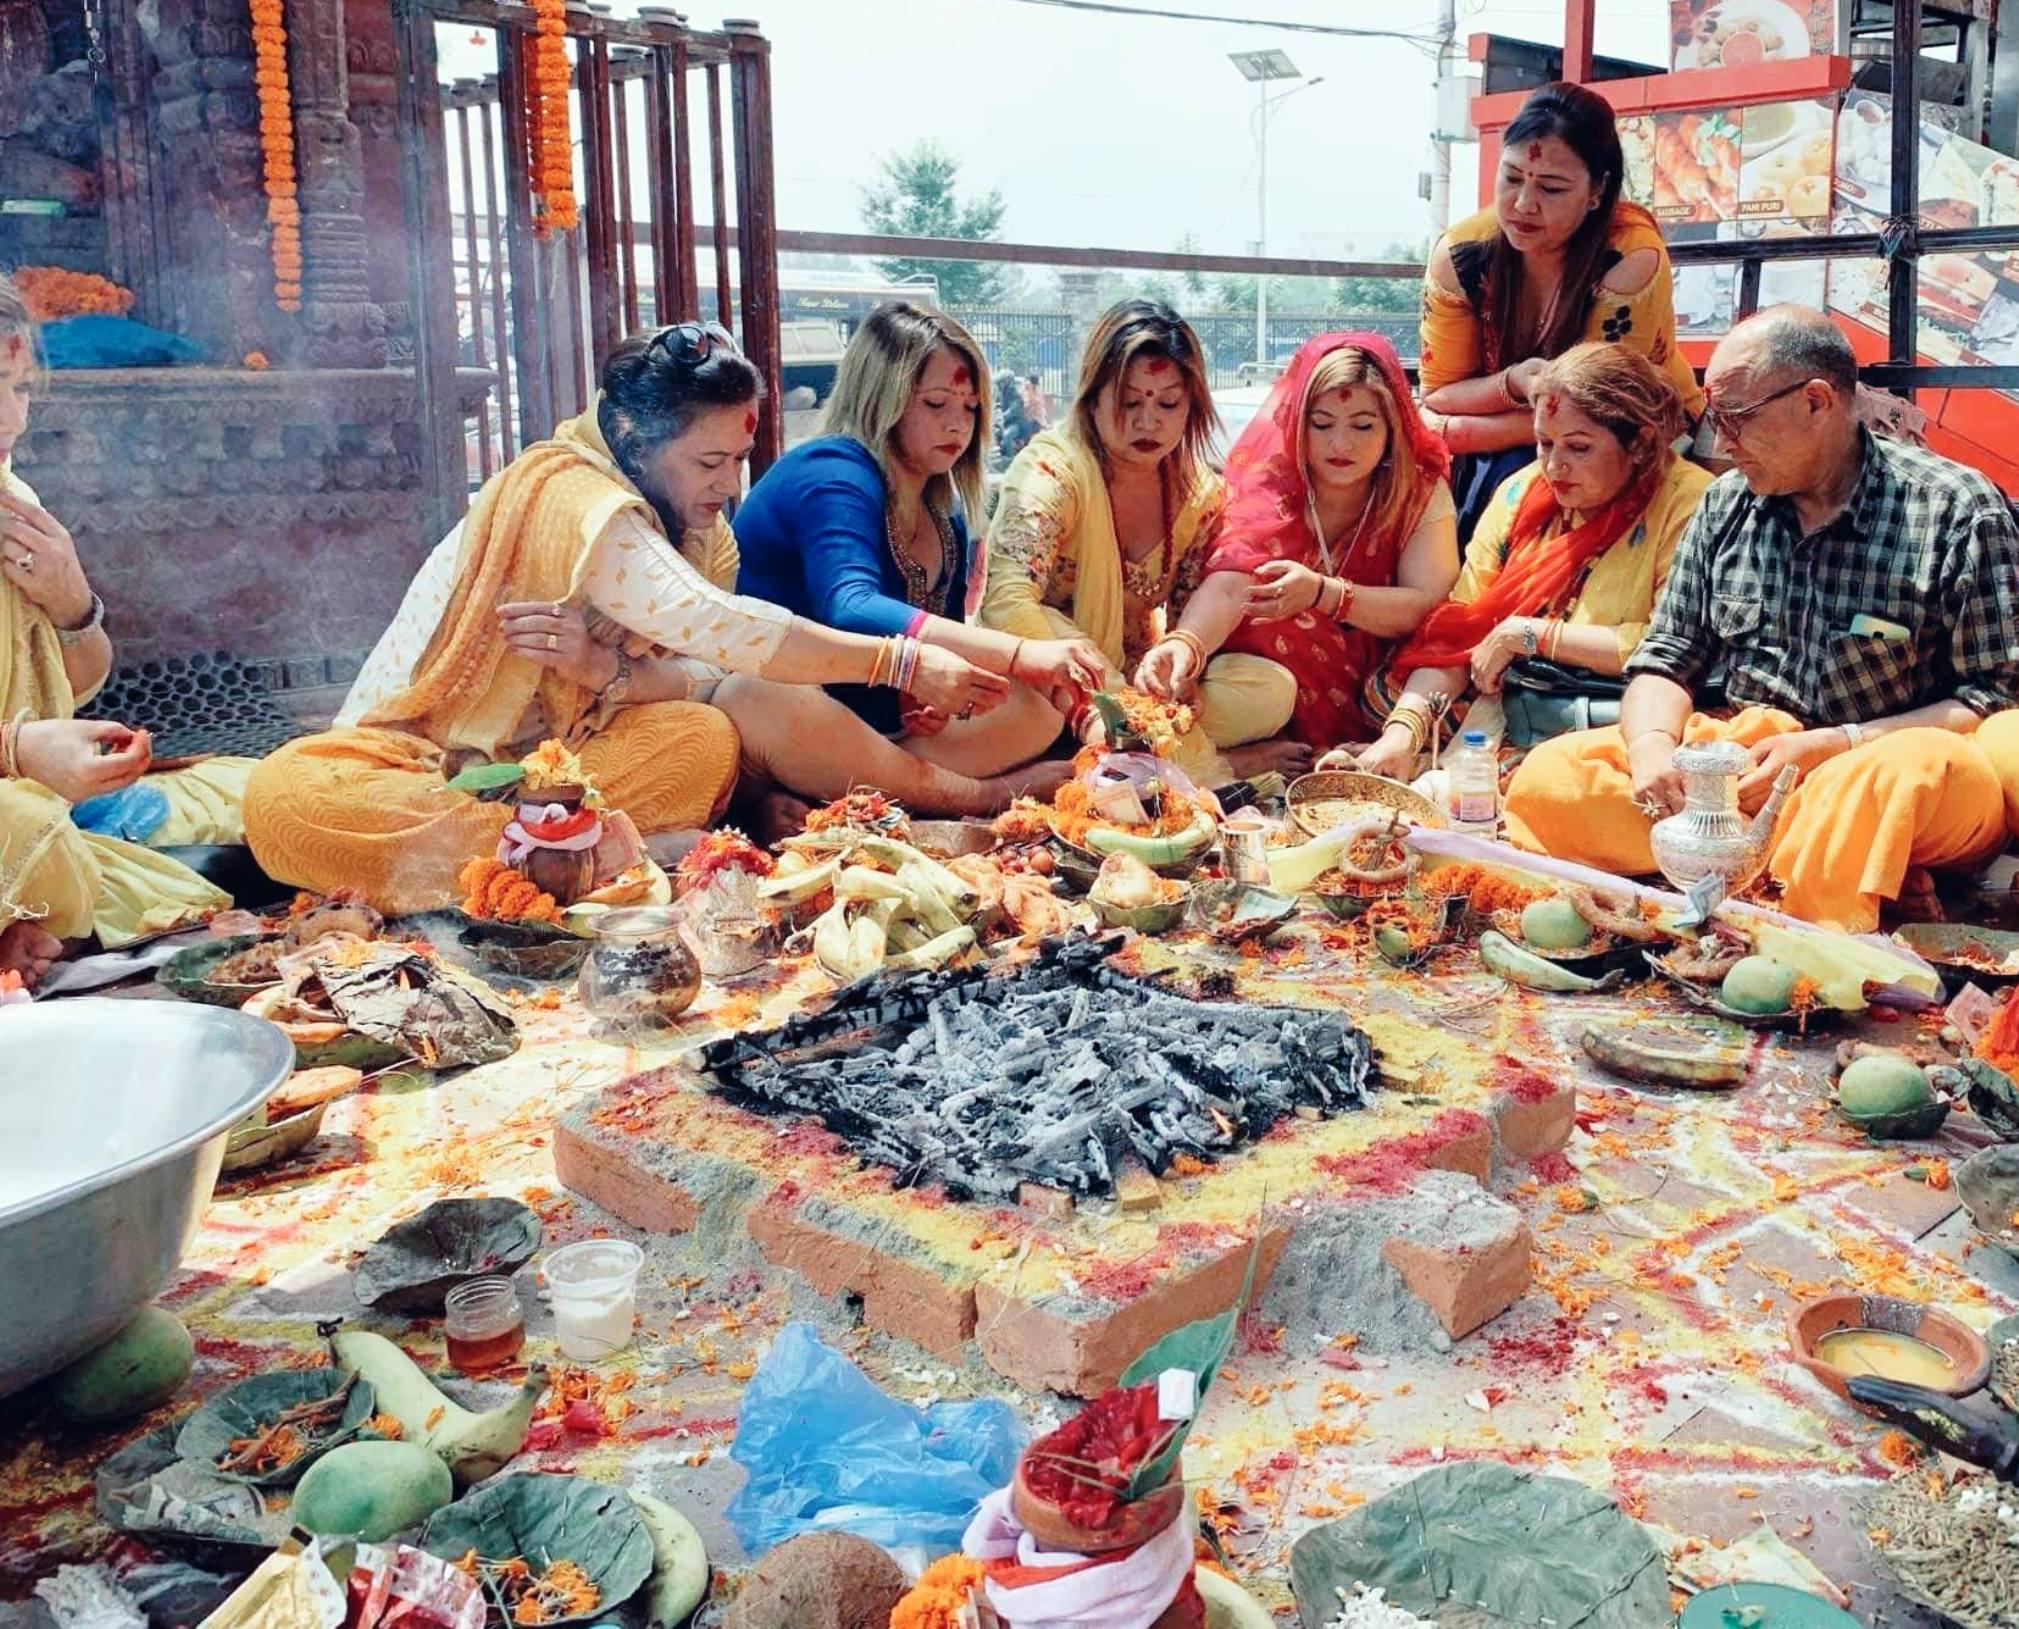 काठमाडौं मलमा तिरुपती बालाजीको पूजाअर्चना